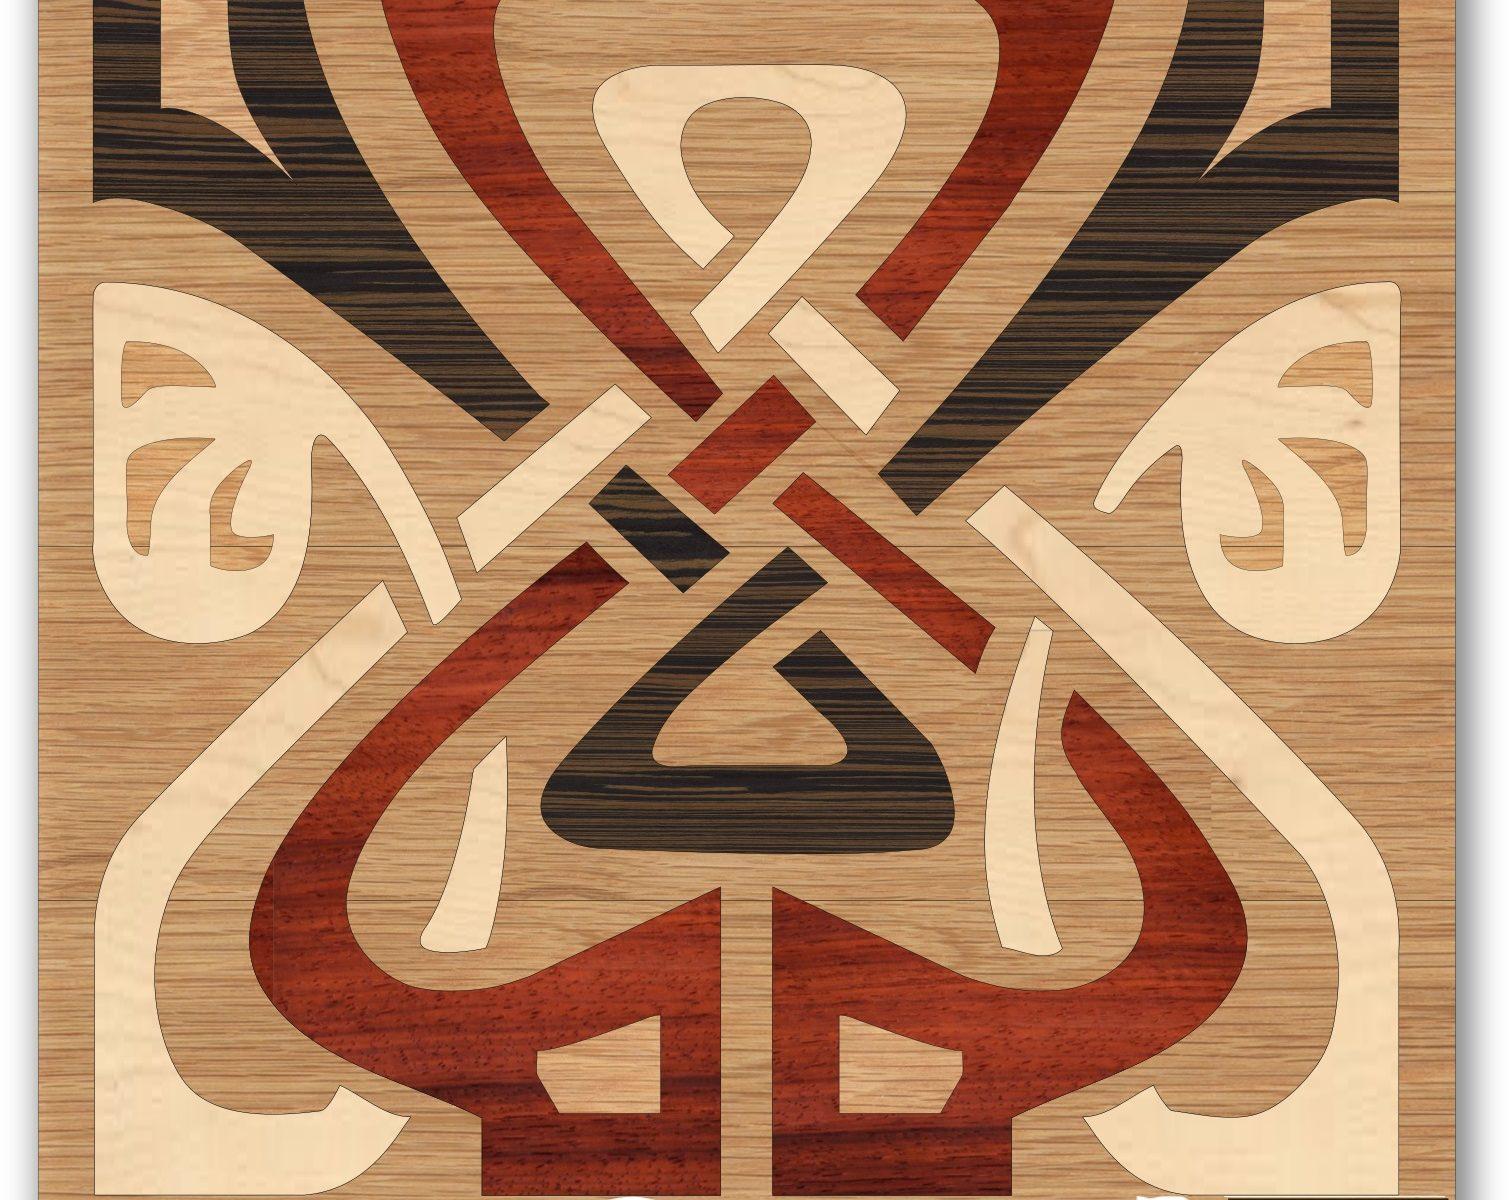 Afrikaanse knoop